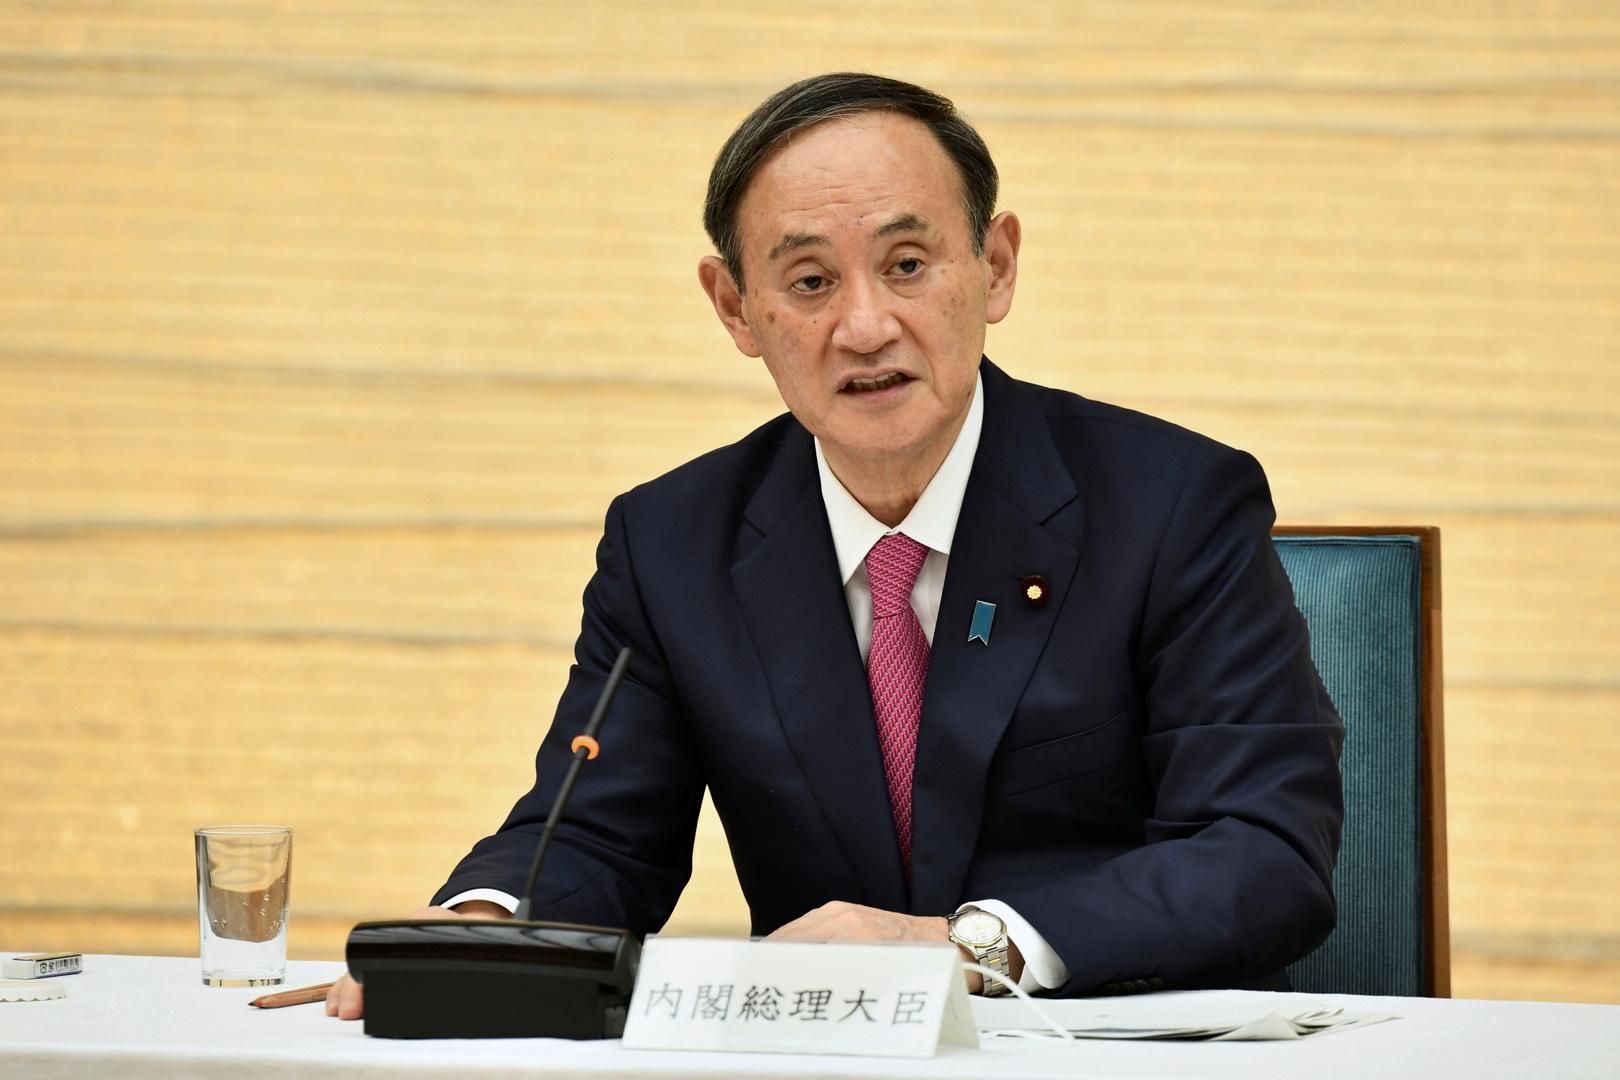 بسبب الملاهي الليلة..رئيس الوزراء الياباني يعتذر من الشعب